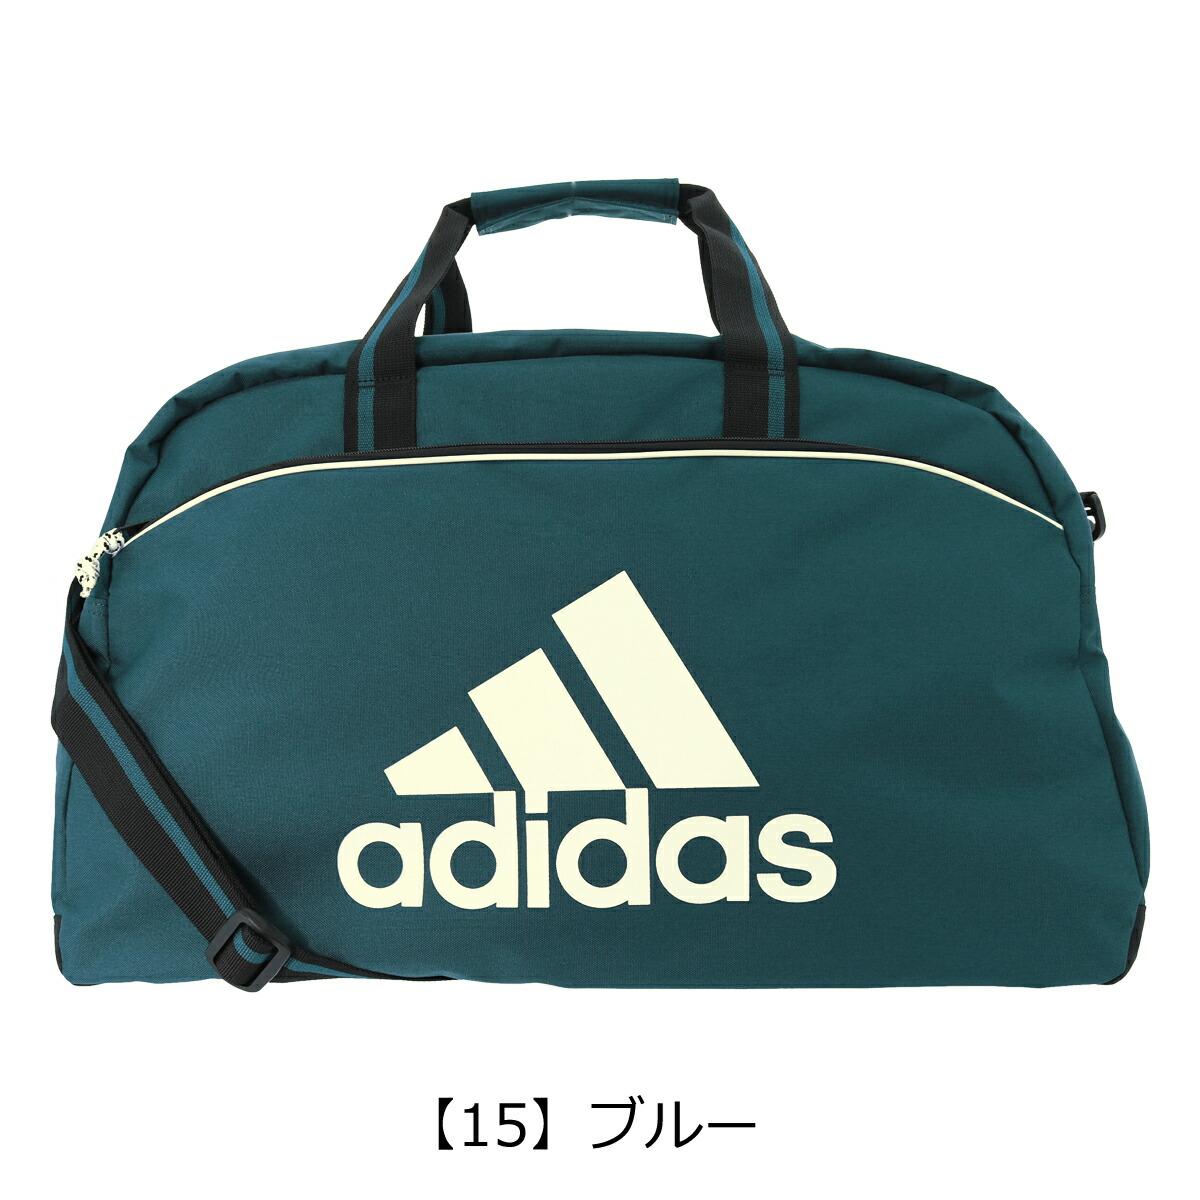 【15】ブルー